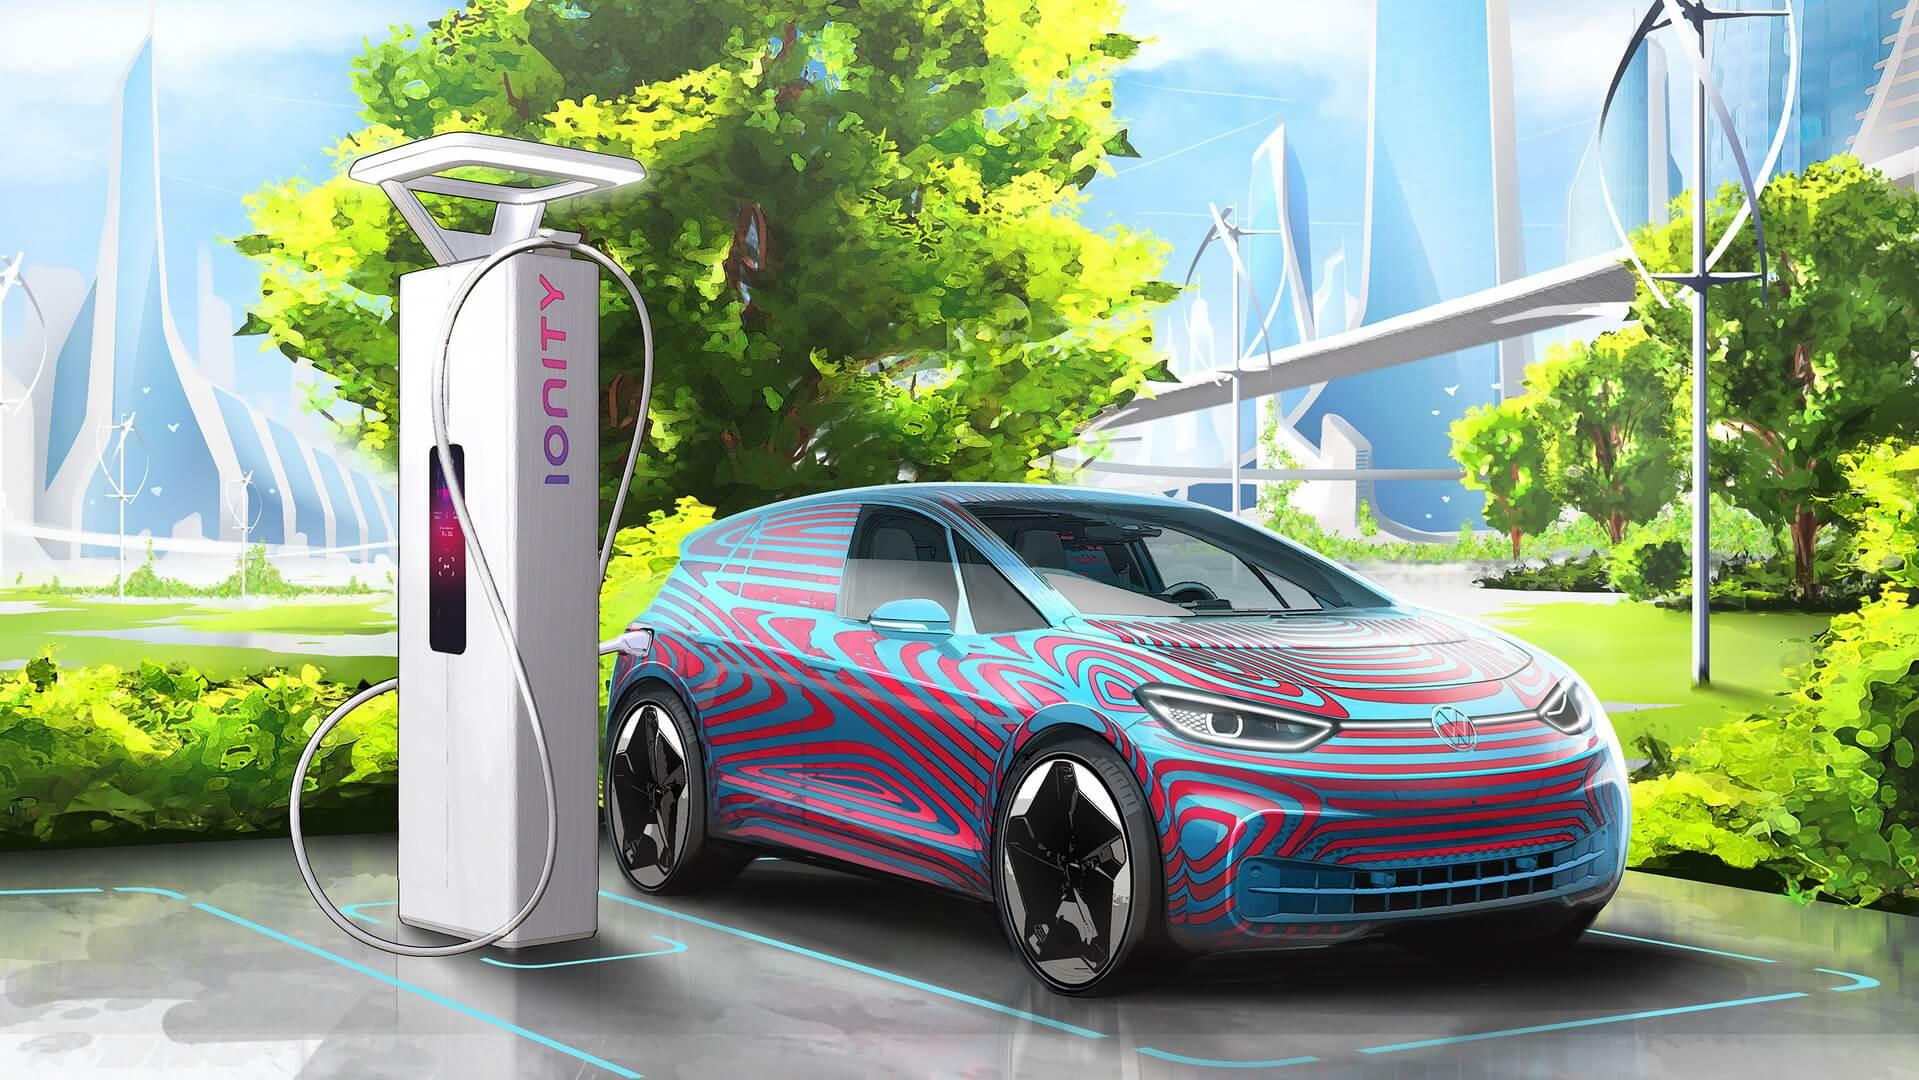 Volkswagen планирует установить 36 000 пунктов зарядки для электромобилей по всей Европе к 2025 году